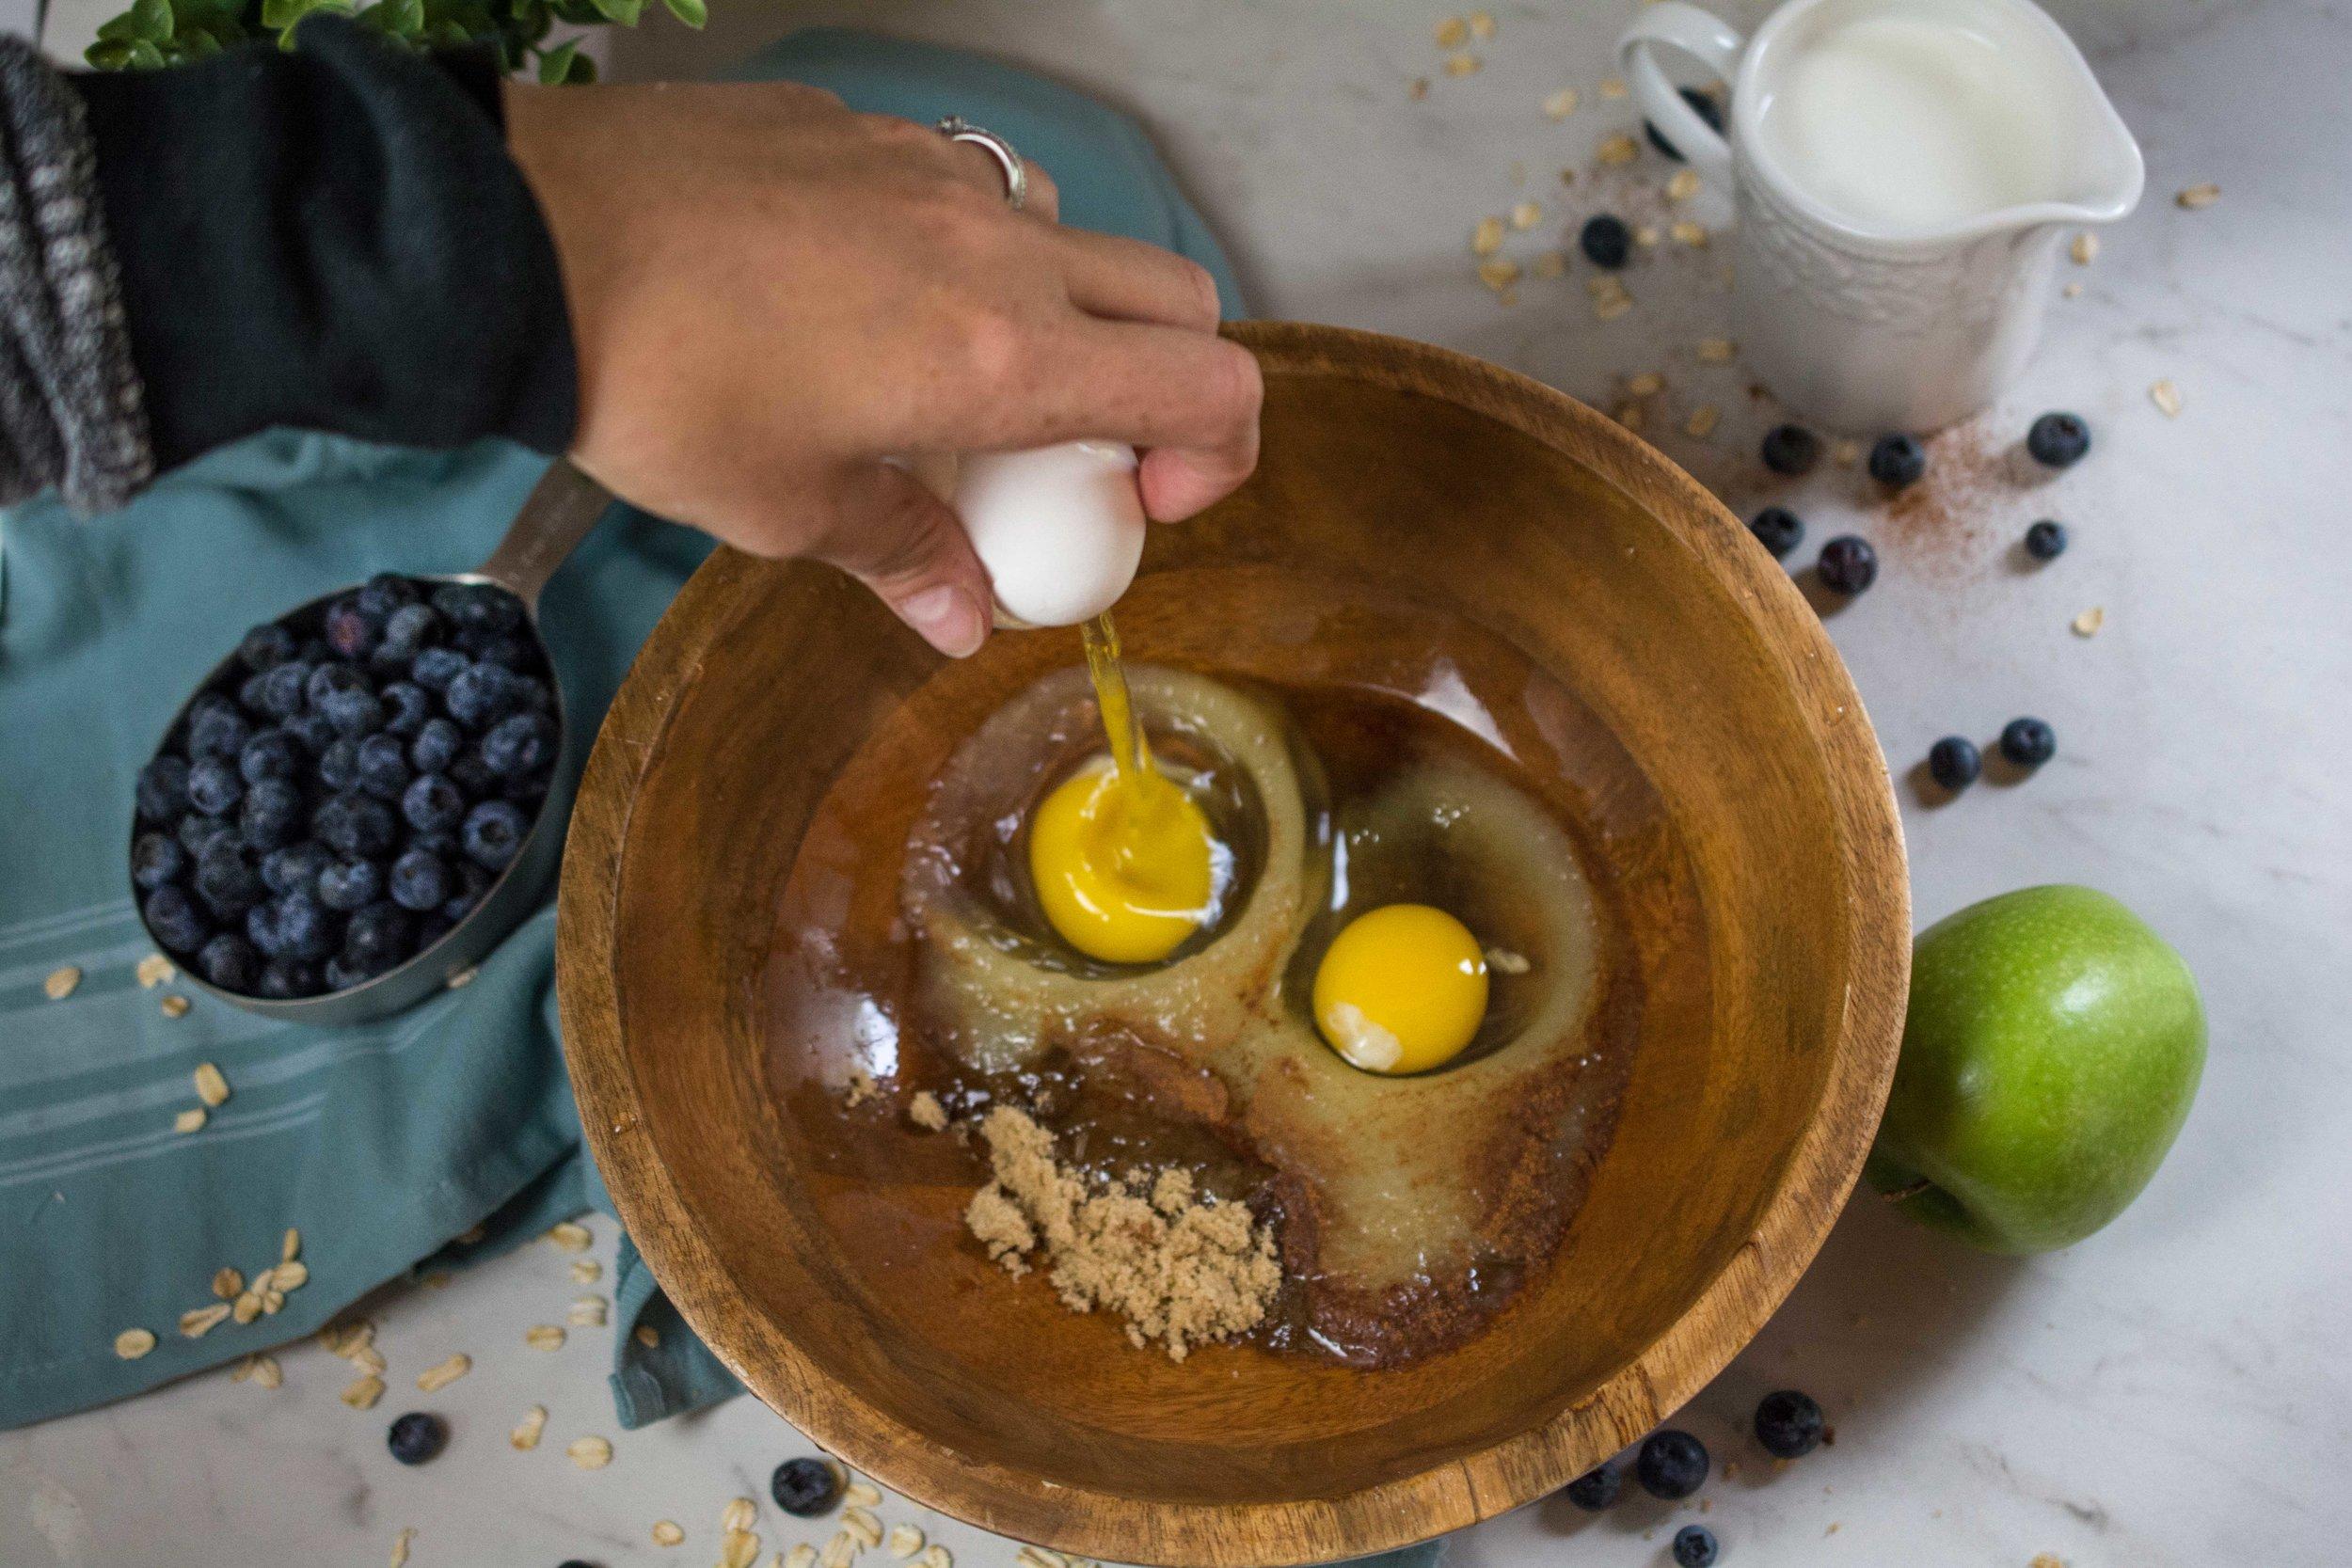 Blueberry-Oatmeal-Bake_3.jpg